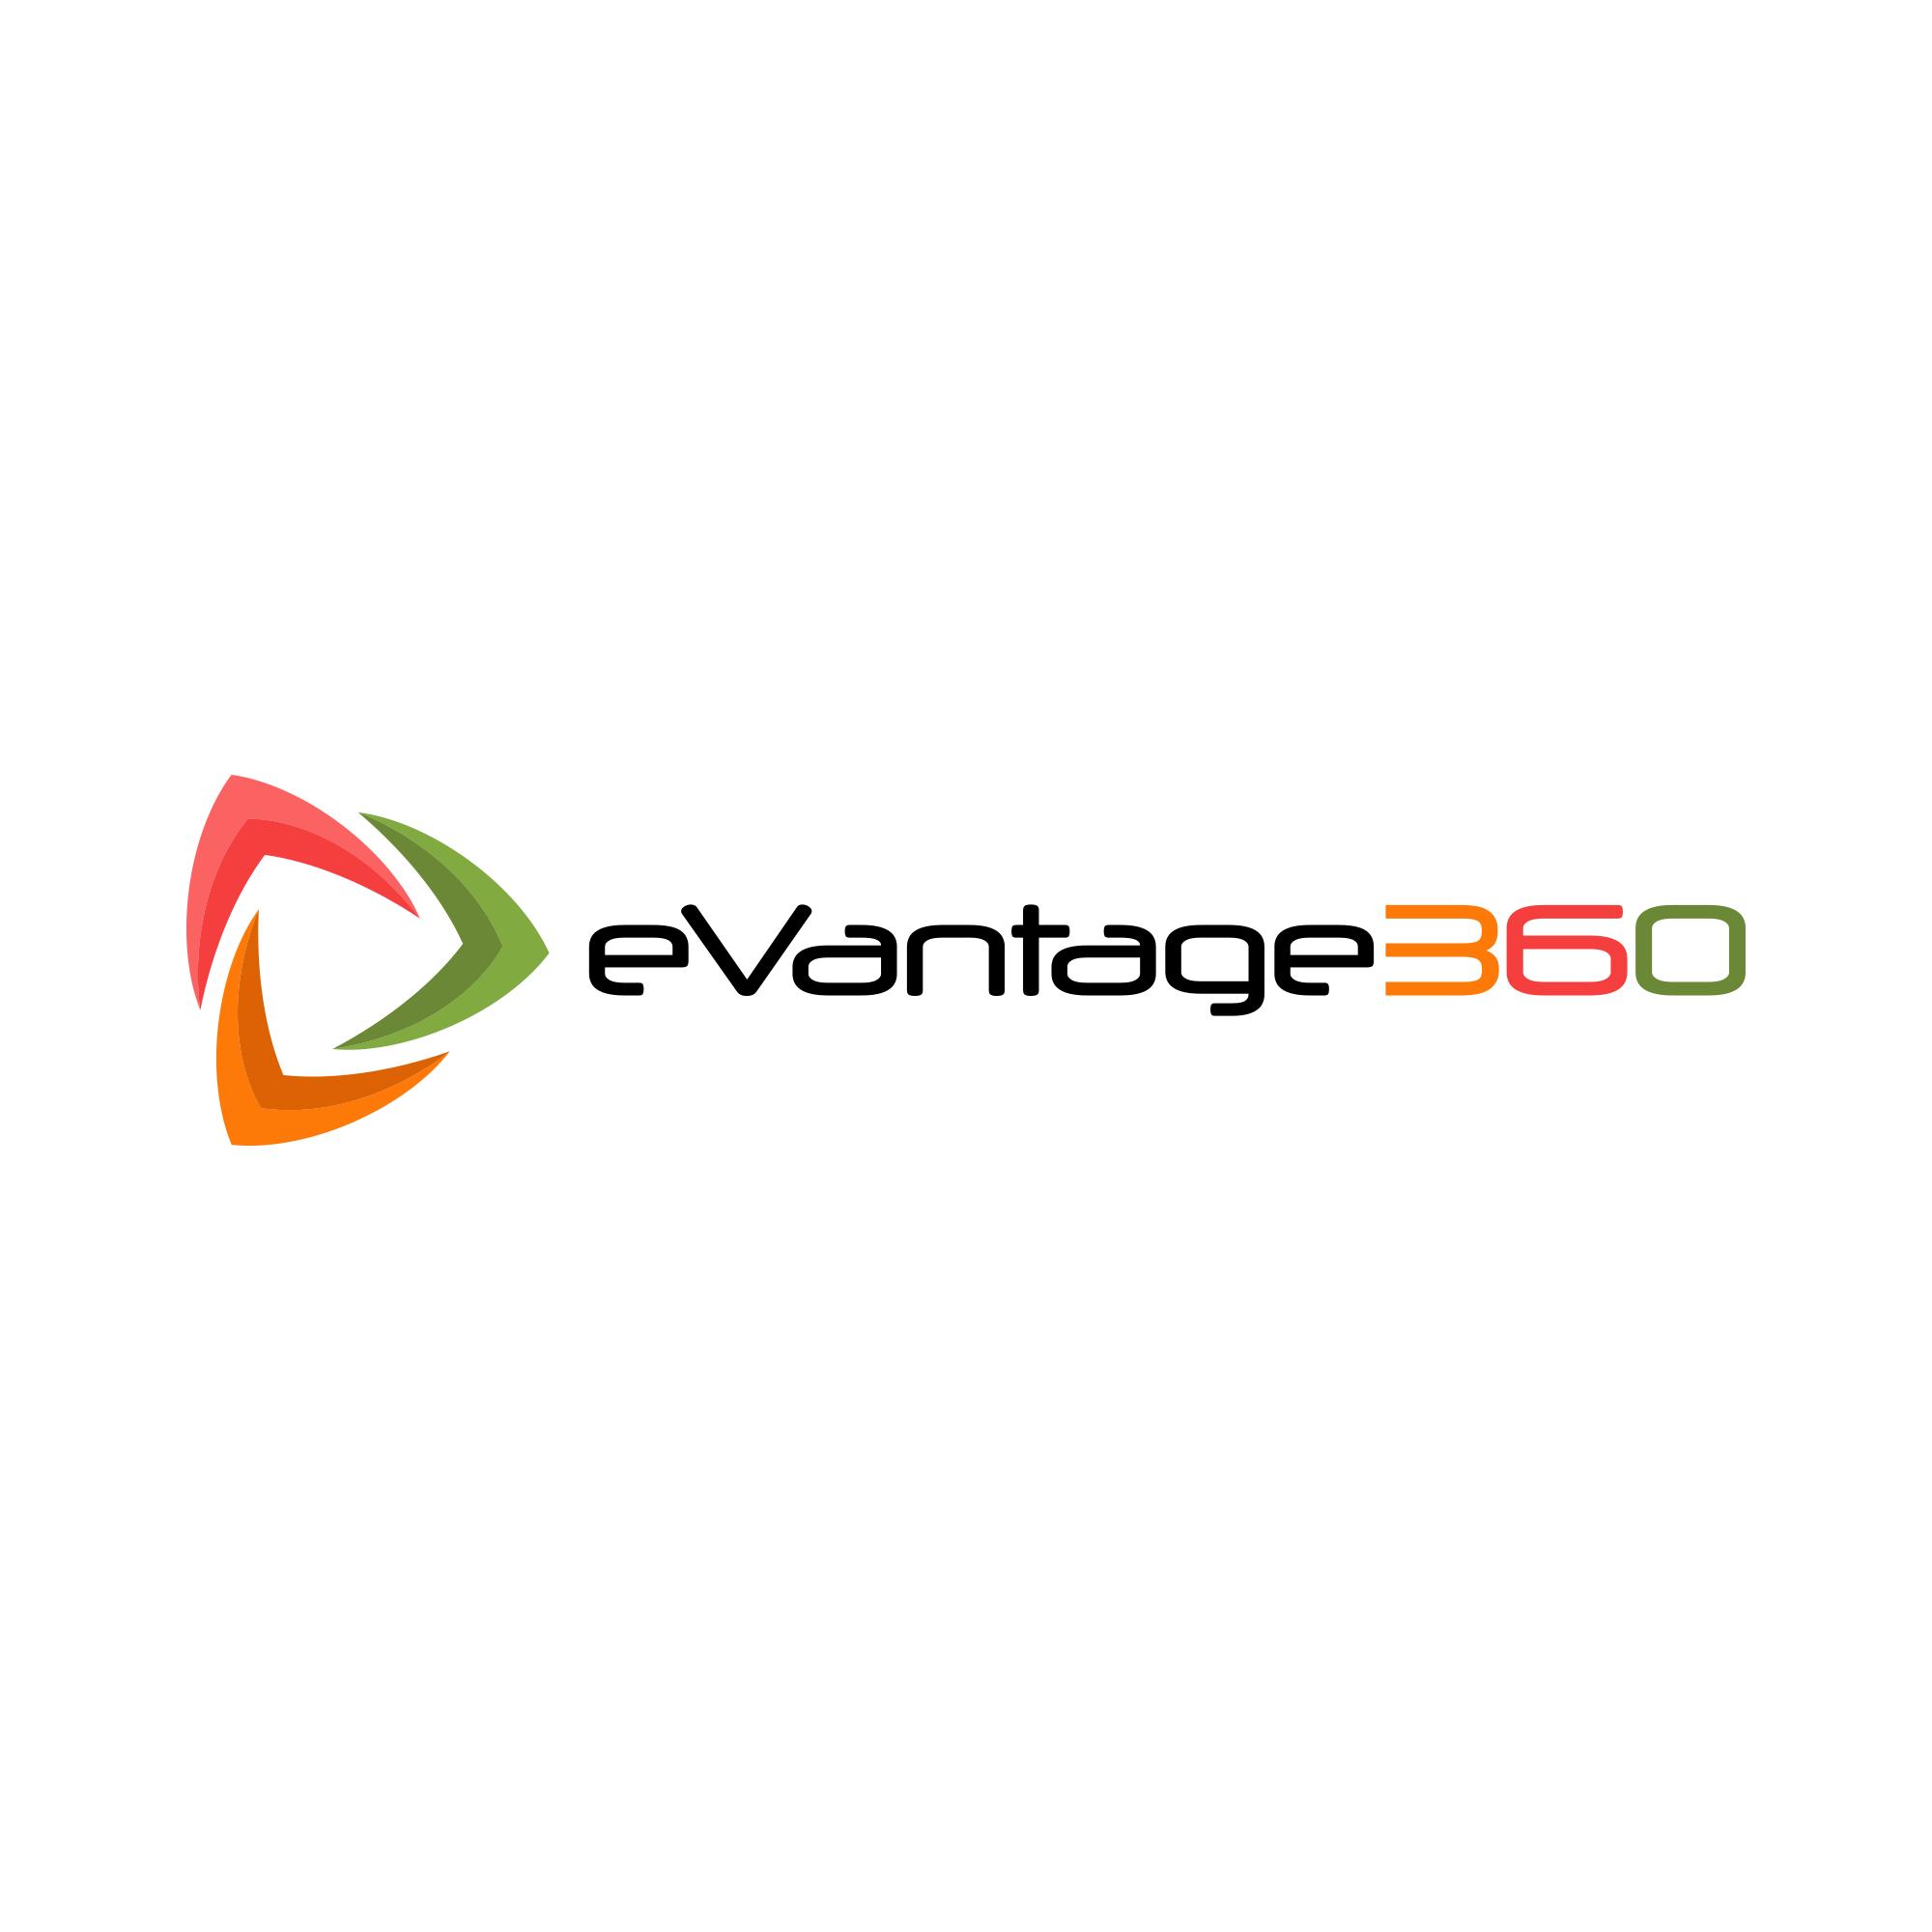 eVantage360.com